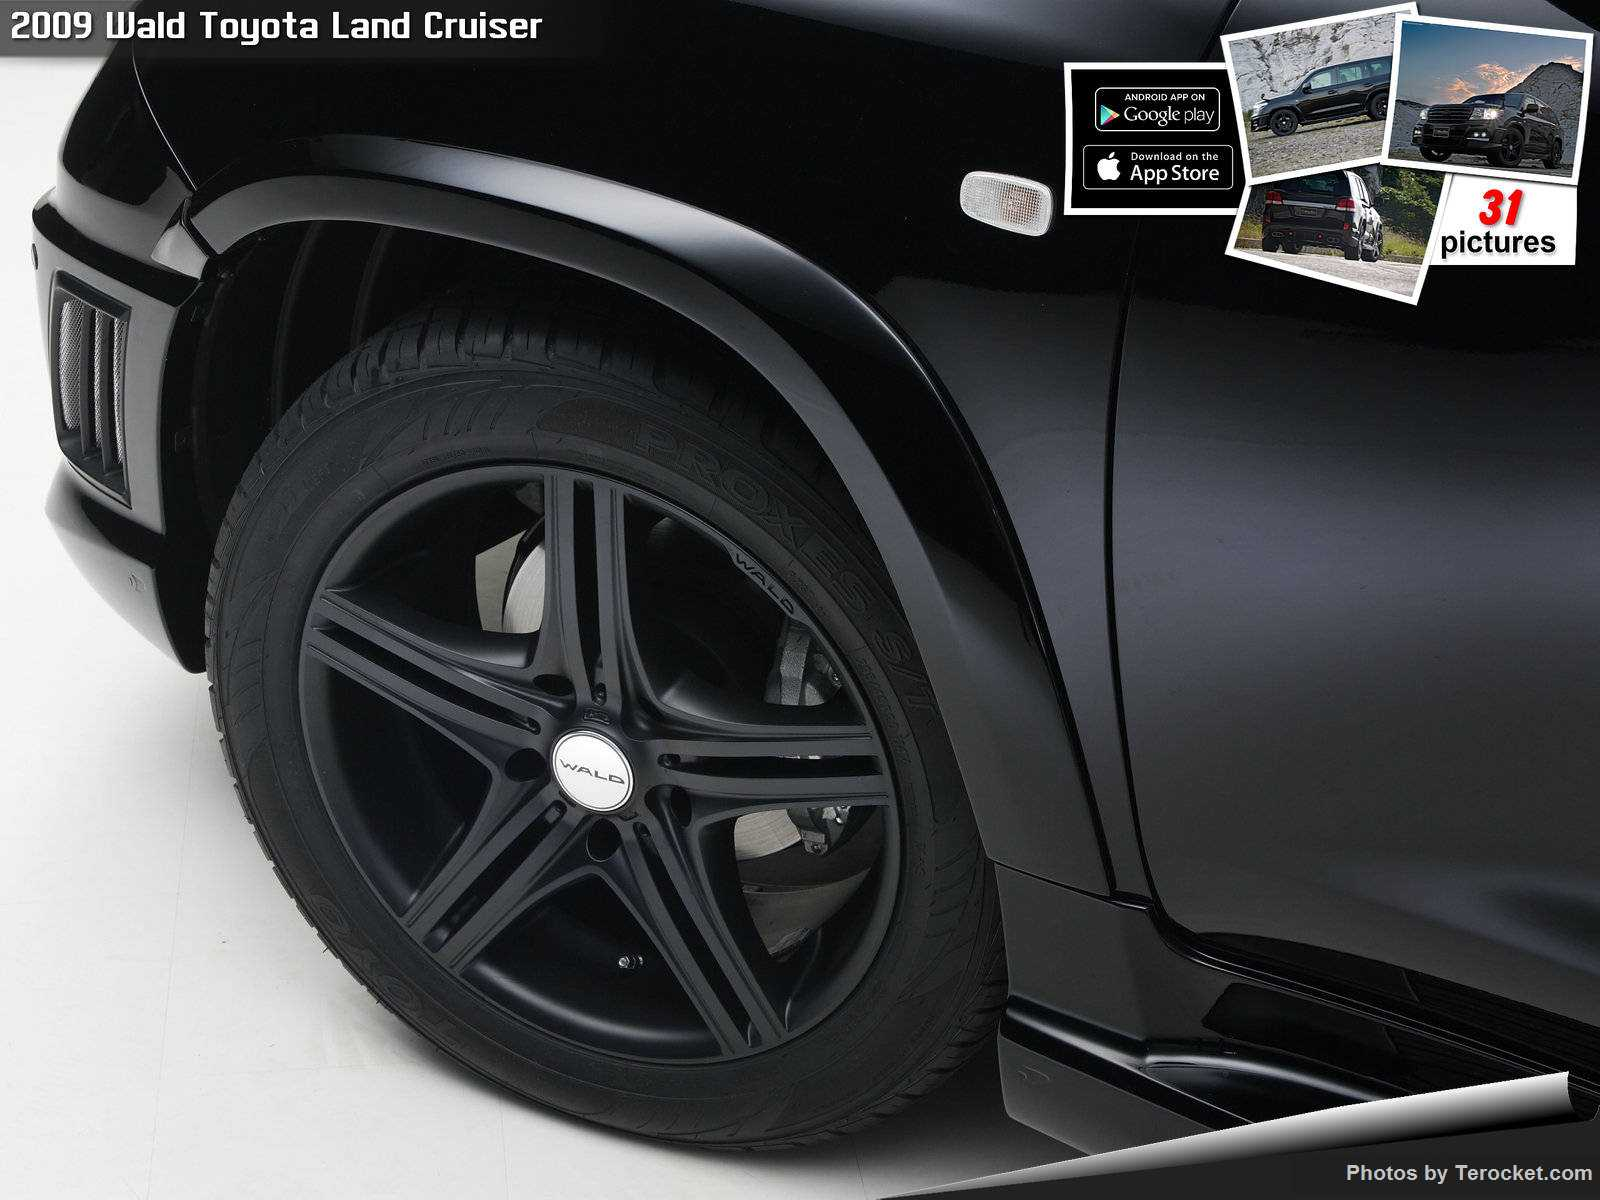 Hình ảnh xe độ Wald Toyota Land Cruiser 2009 & nội ngoại thất